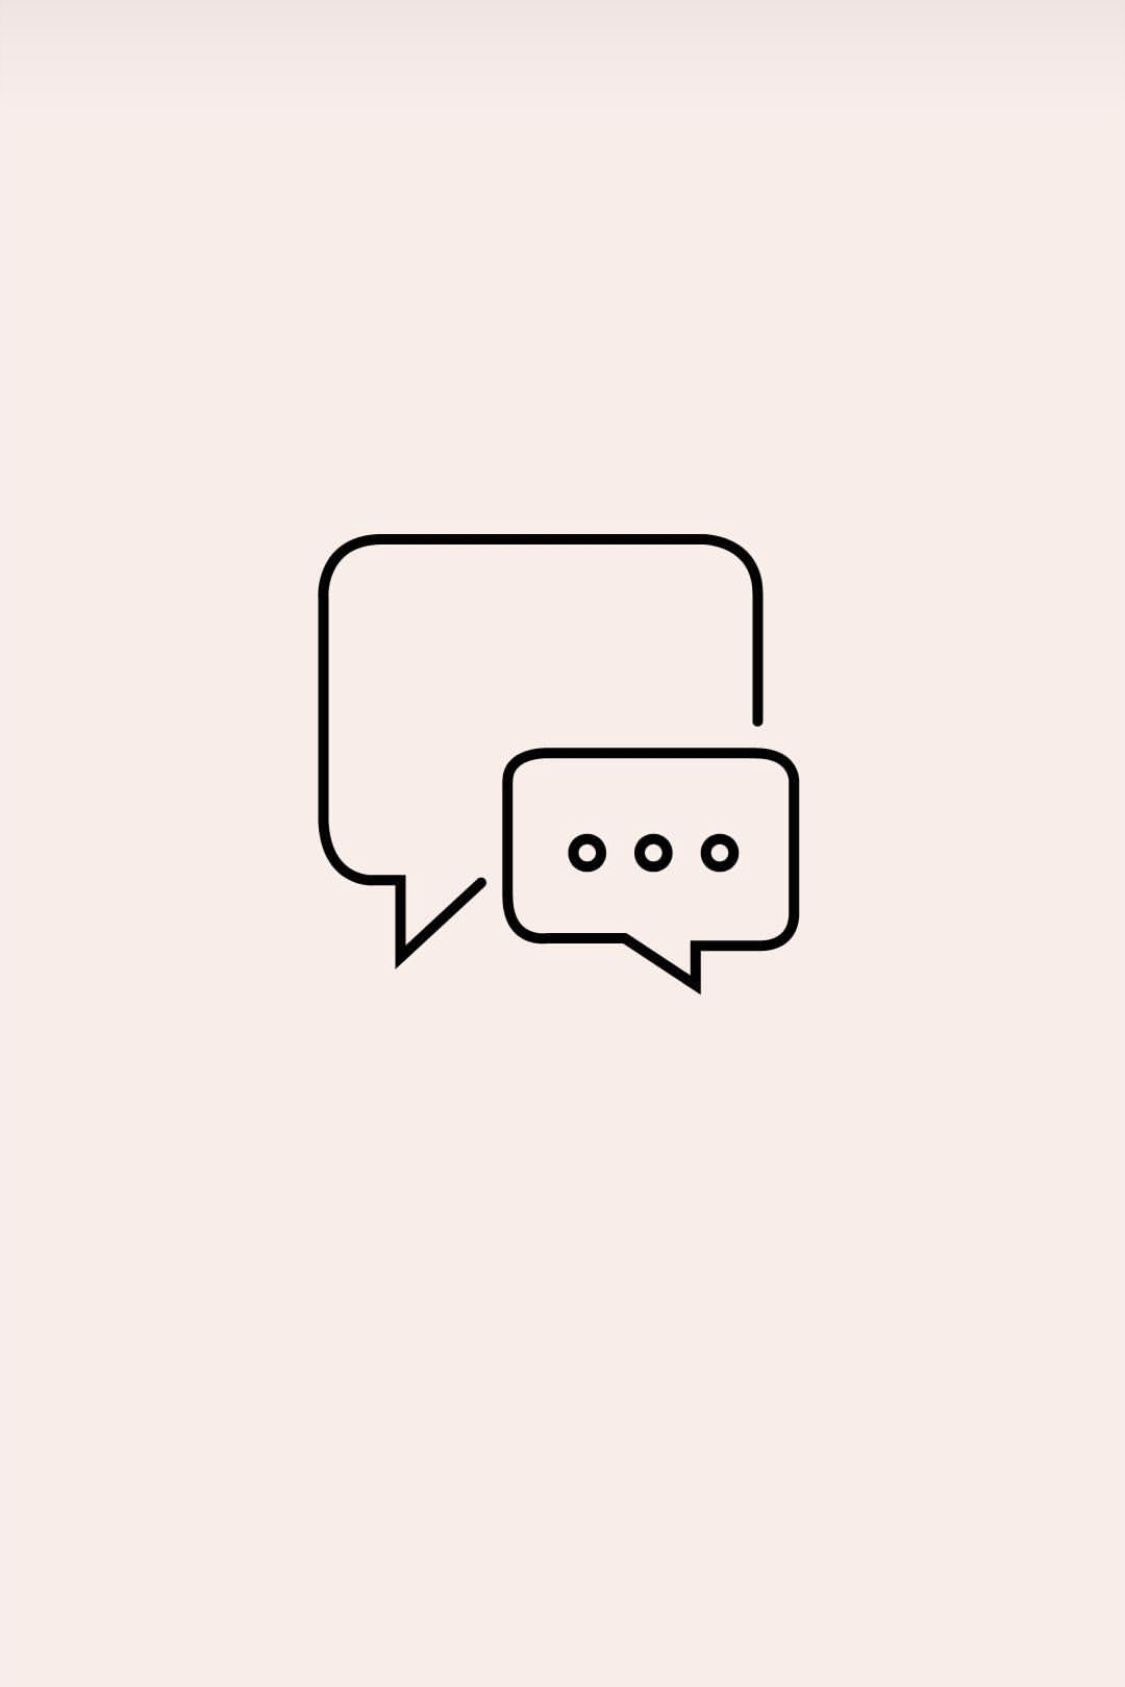 NATALI♥️GODOVALOVA (@natali.godovalova) • Фото и видео в Instagram